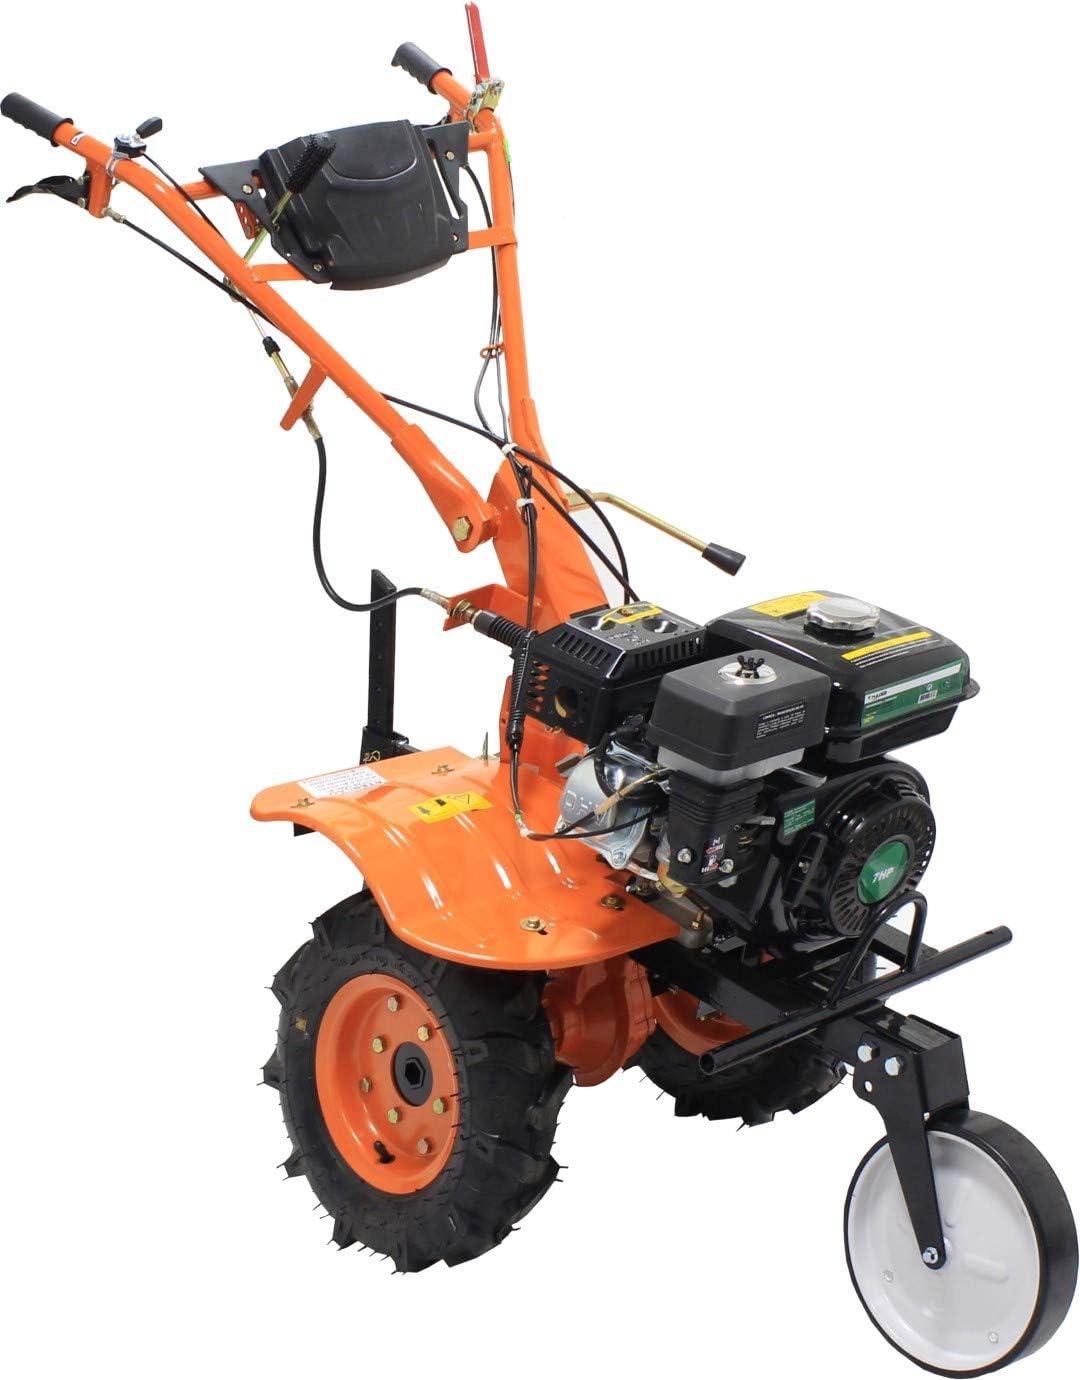 MADER GARDEN TOOLS - Motoazada - Arado Mecanico - Gasolina - 3 velocidades - 7HP - con acesorios - Transmission por Engrenaje - Semi-profesional - Elevada Calidad - com sensor de aceite